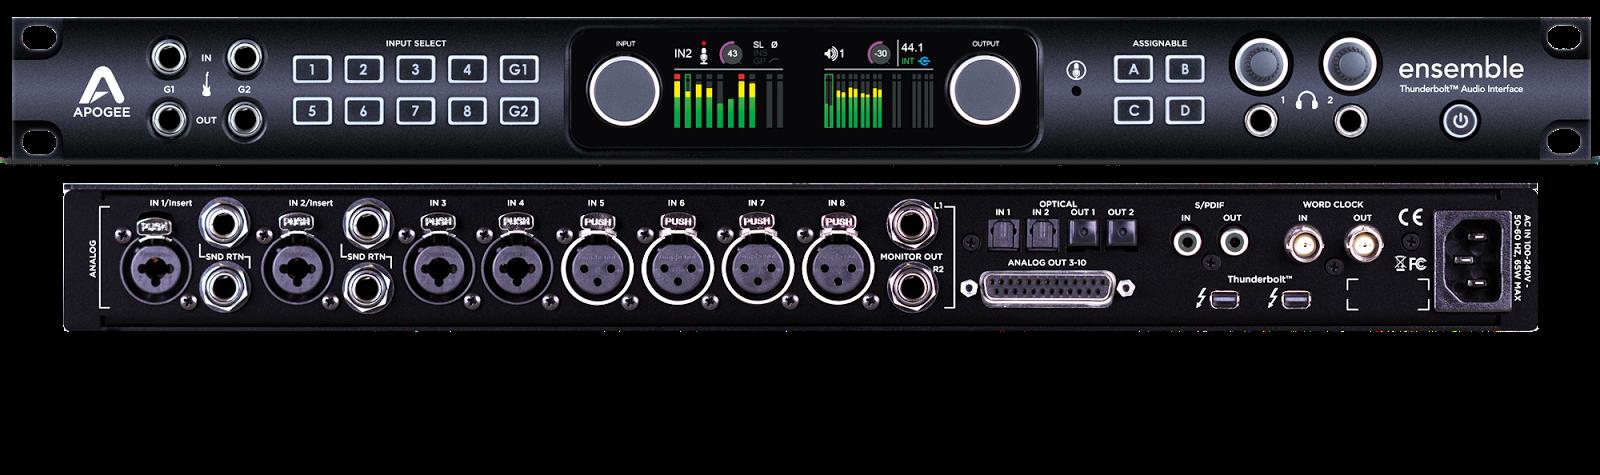 cymatics-best audio interface-apogee